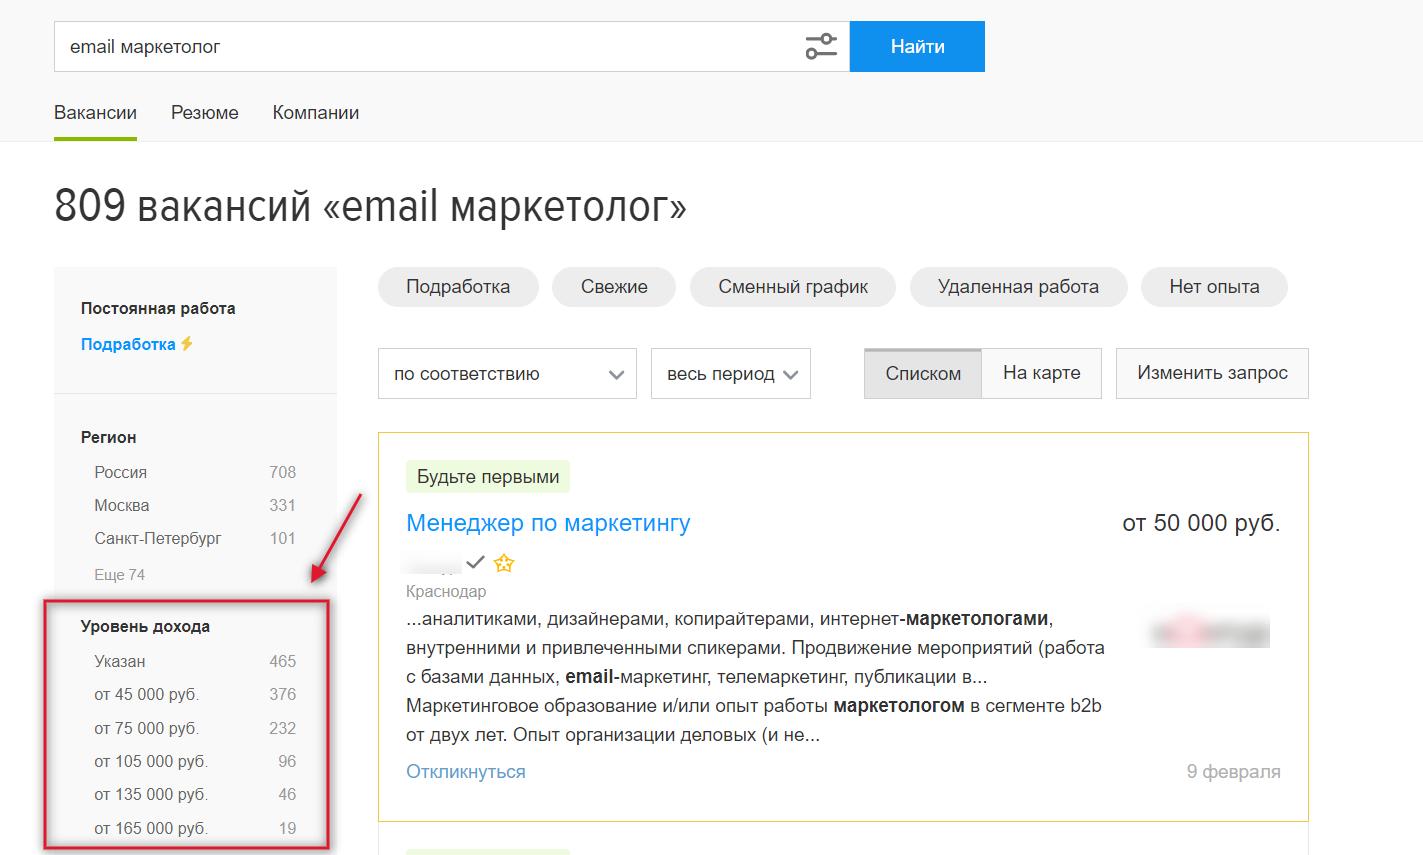 Уровень зарплаты специалиста по емейл маркетингу в России